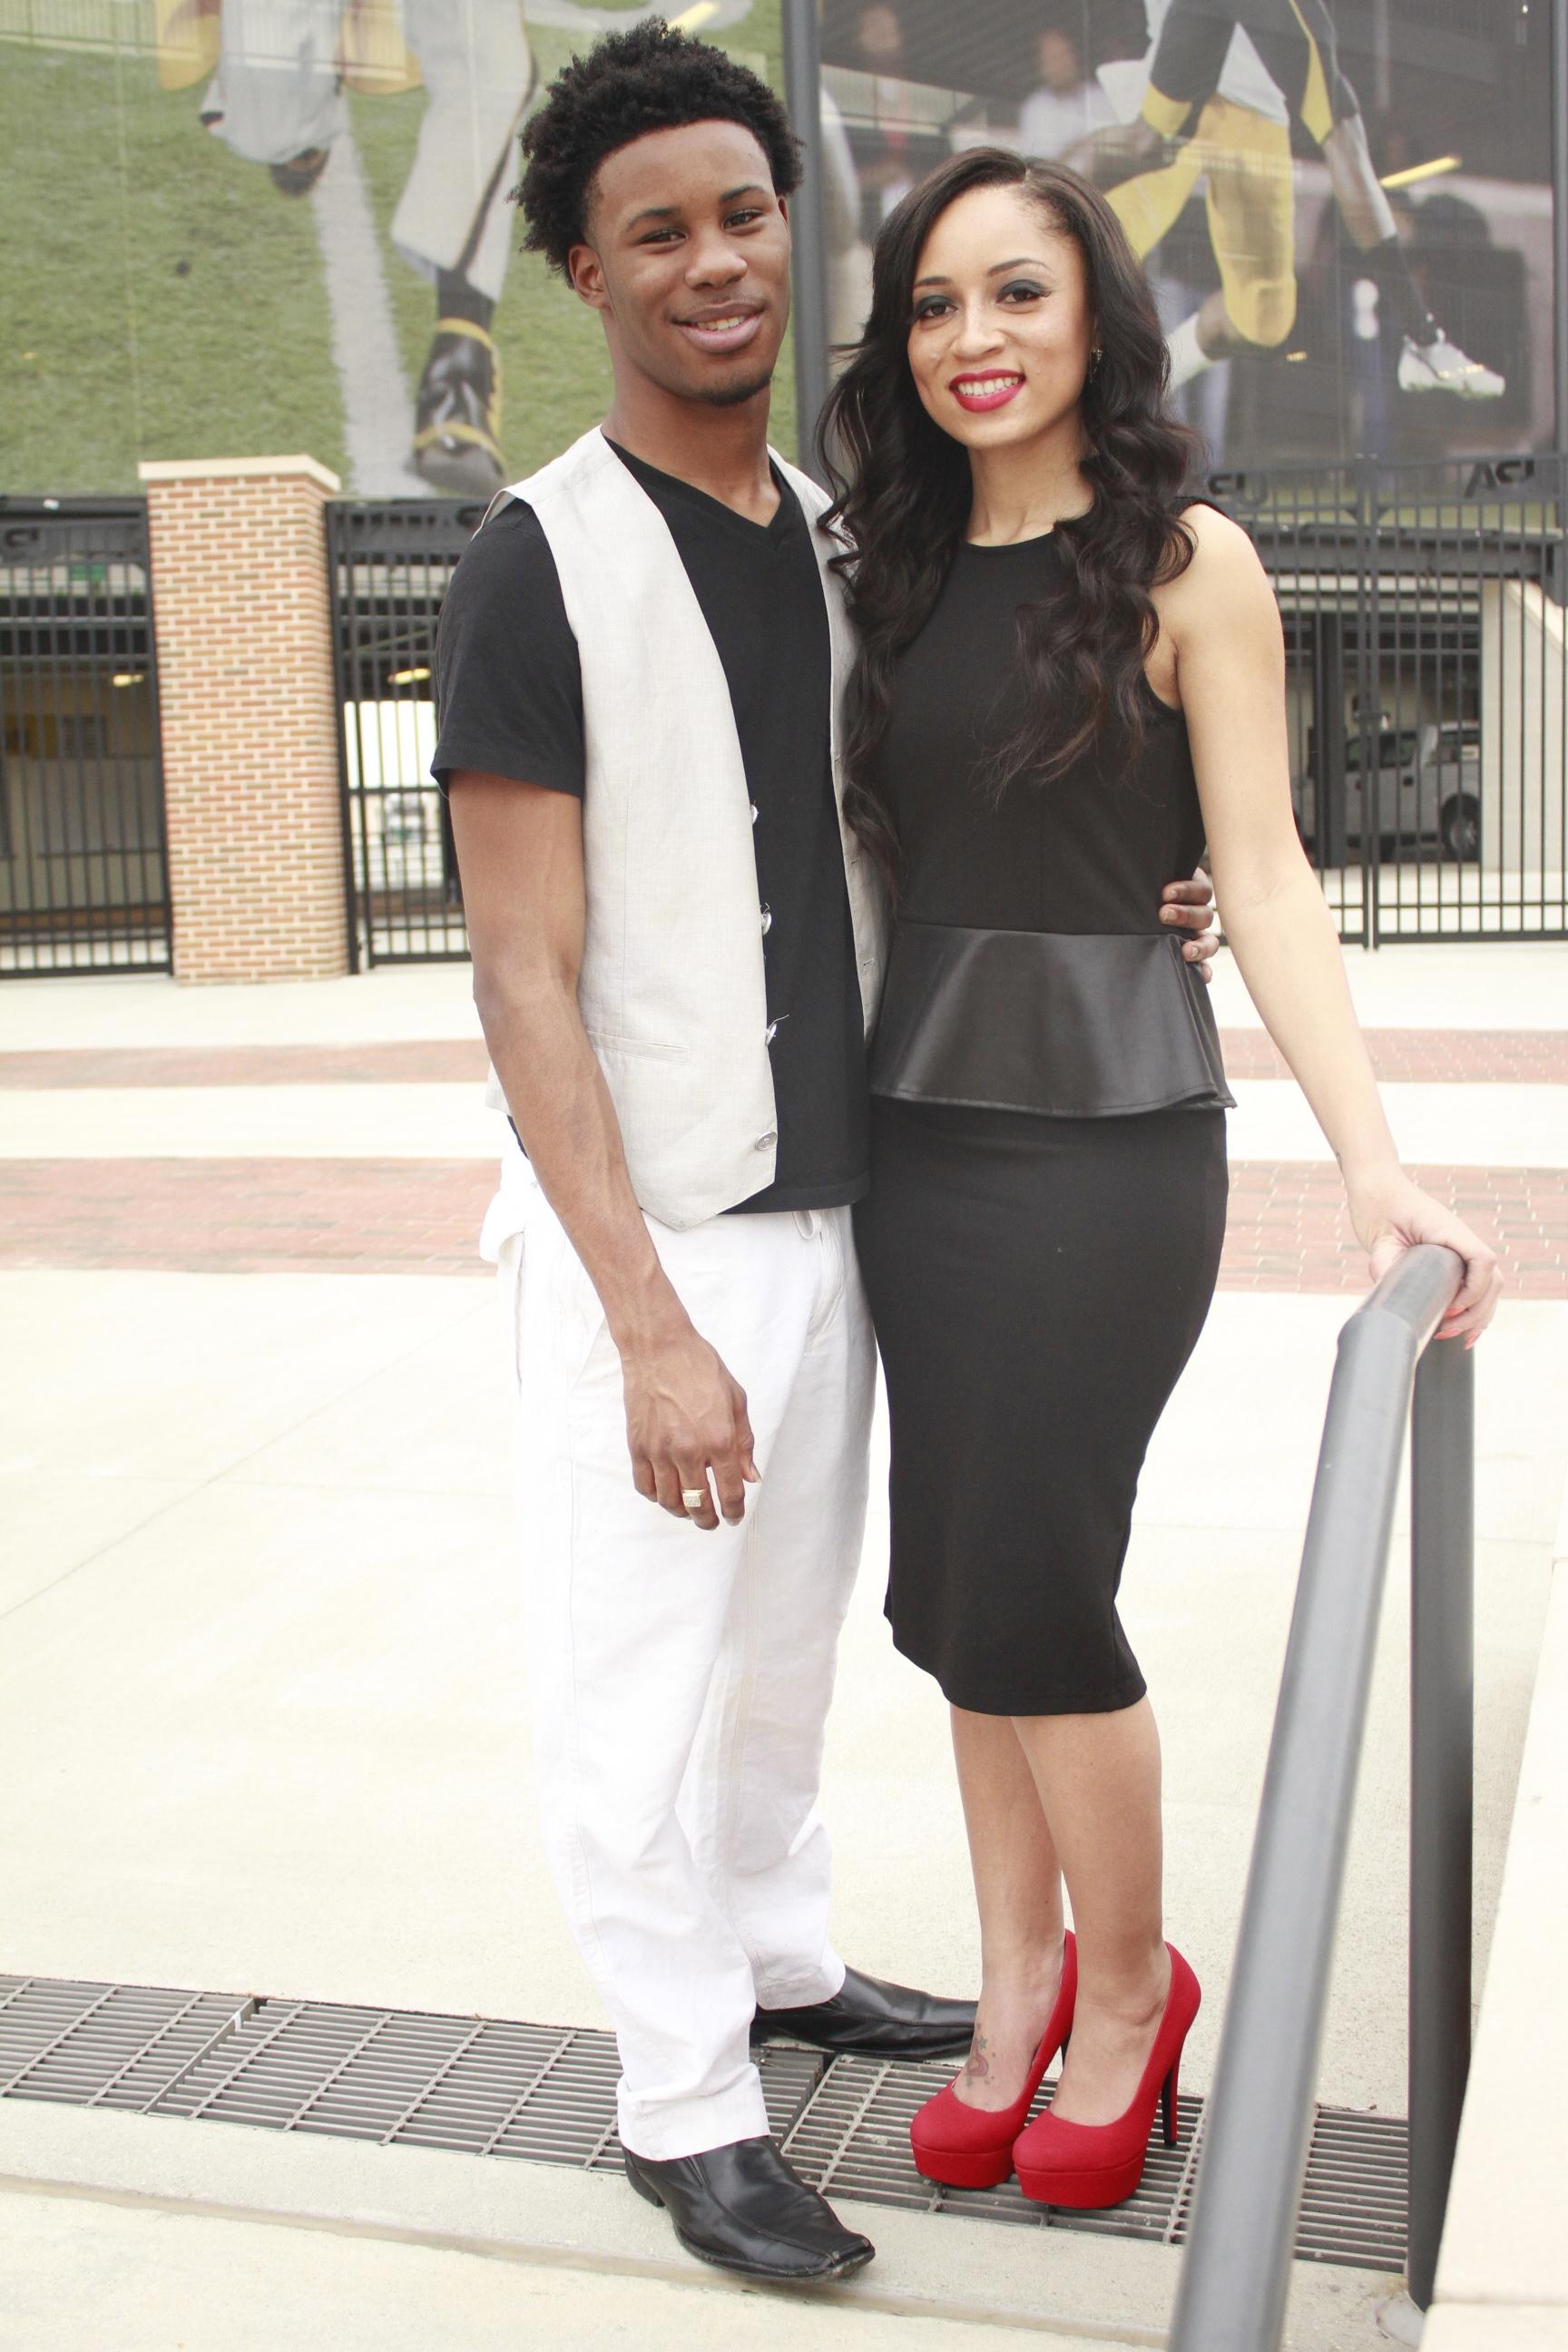 Omarious Fann & Jasmine Truitt